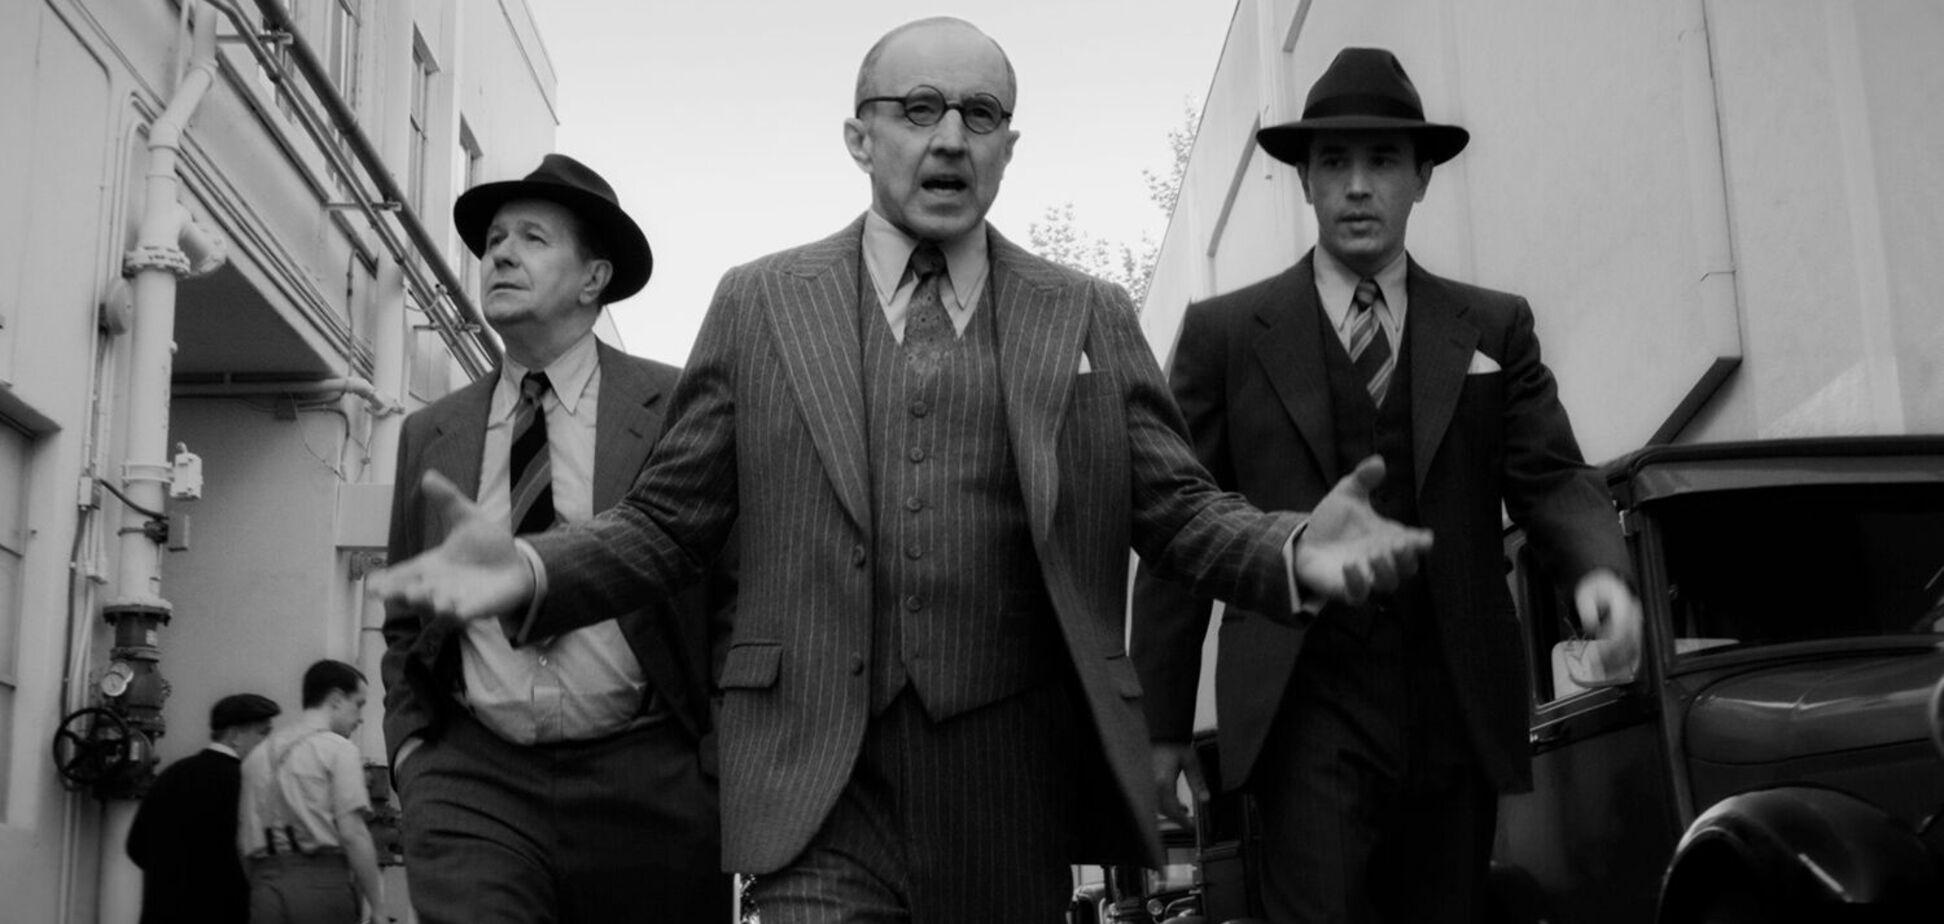 Фільм 'Манк': про що відома кінострічка і де дивитися